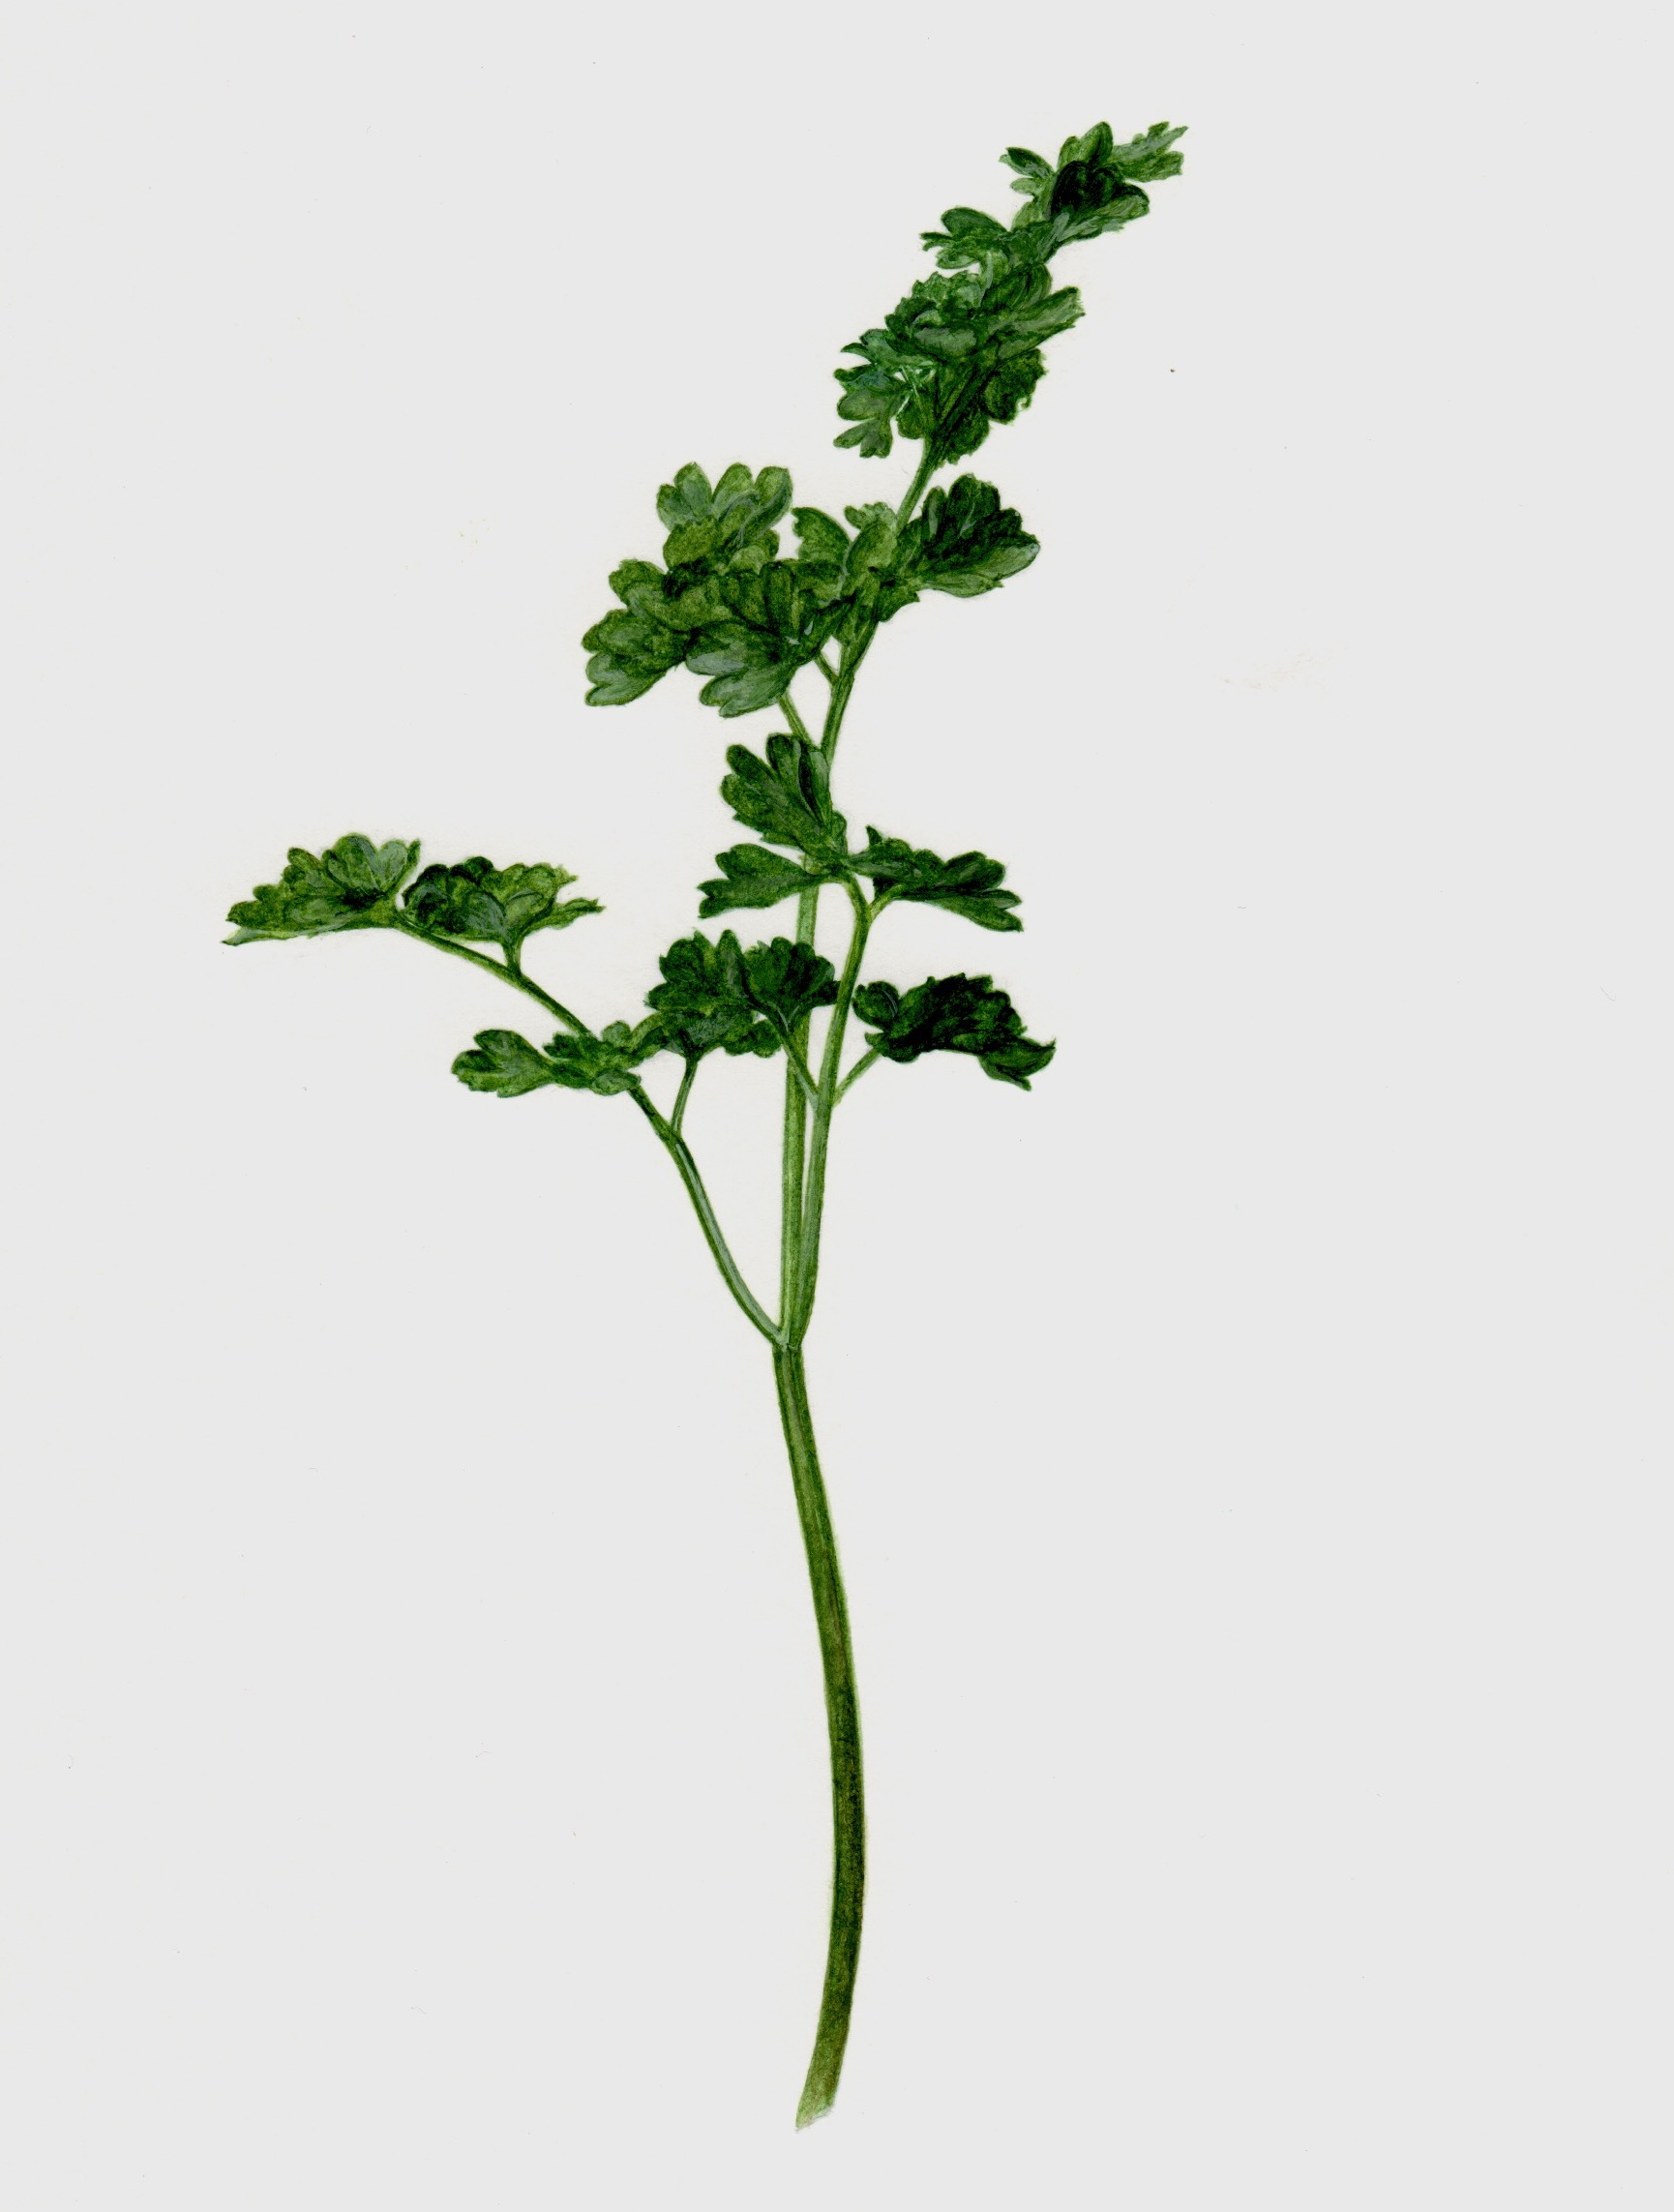 parsley copy 2.jpeg